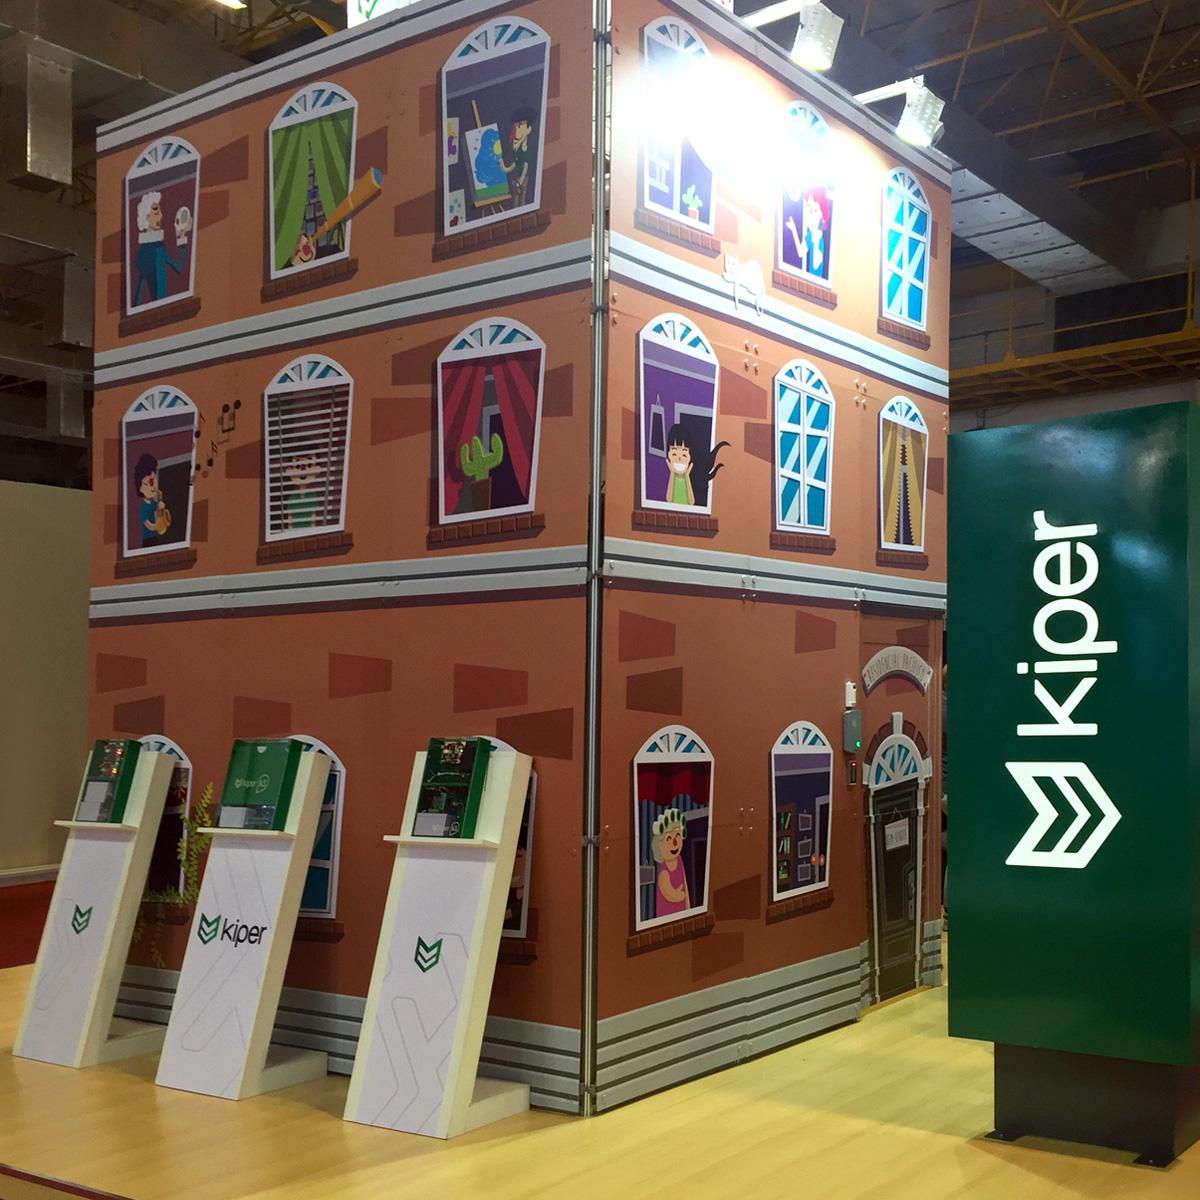 Kiper mostra sua grandeza instalando condomínio na feira e apresentando seu APP